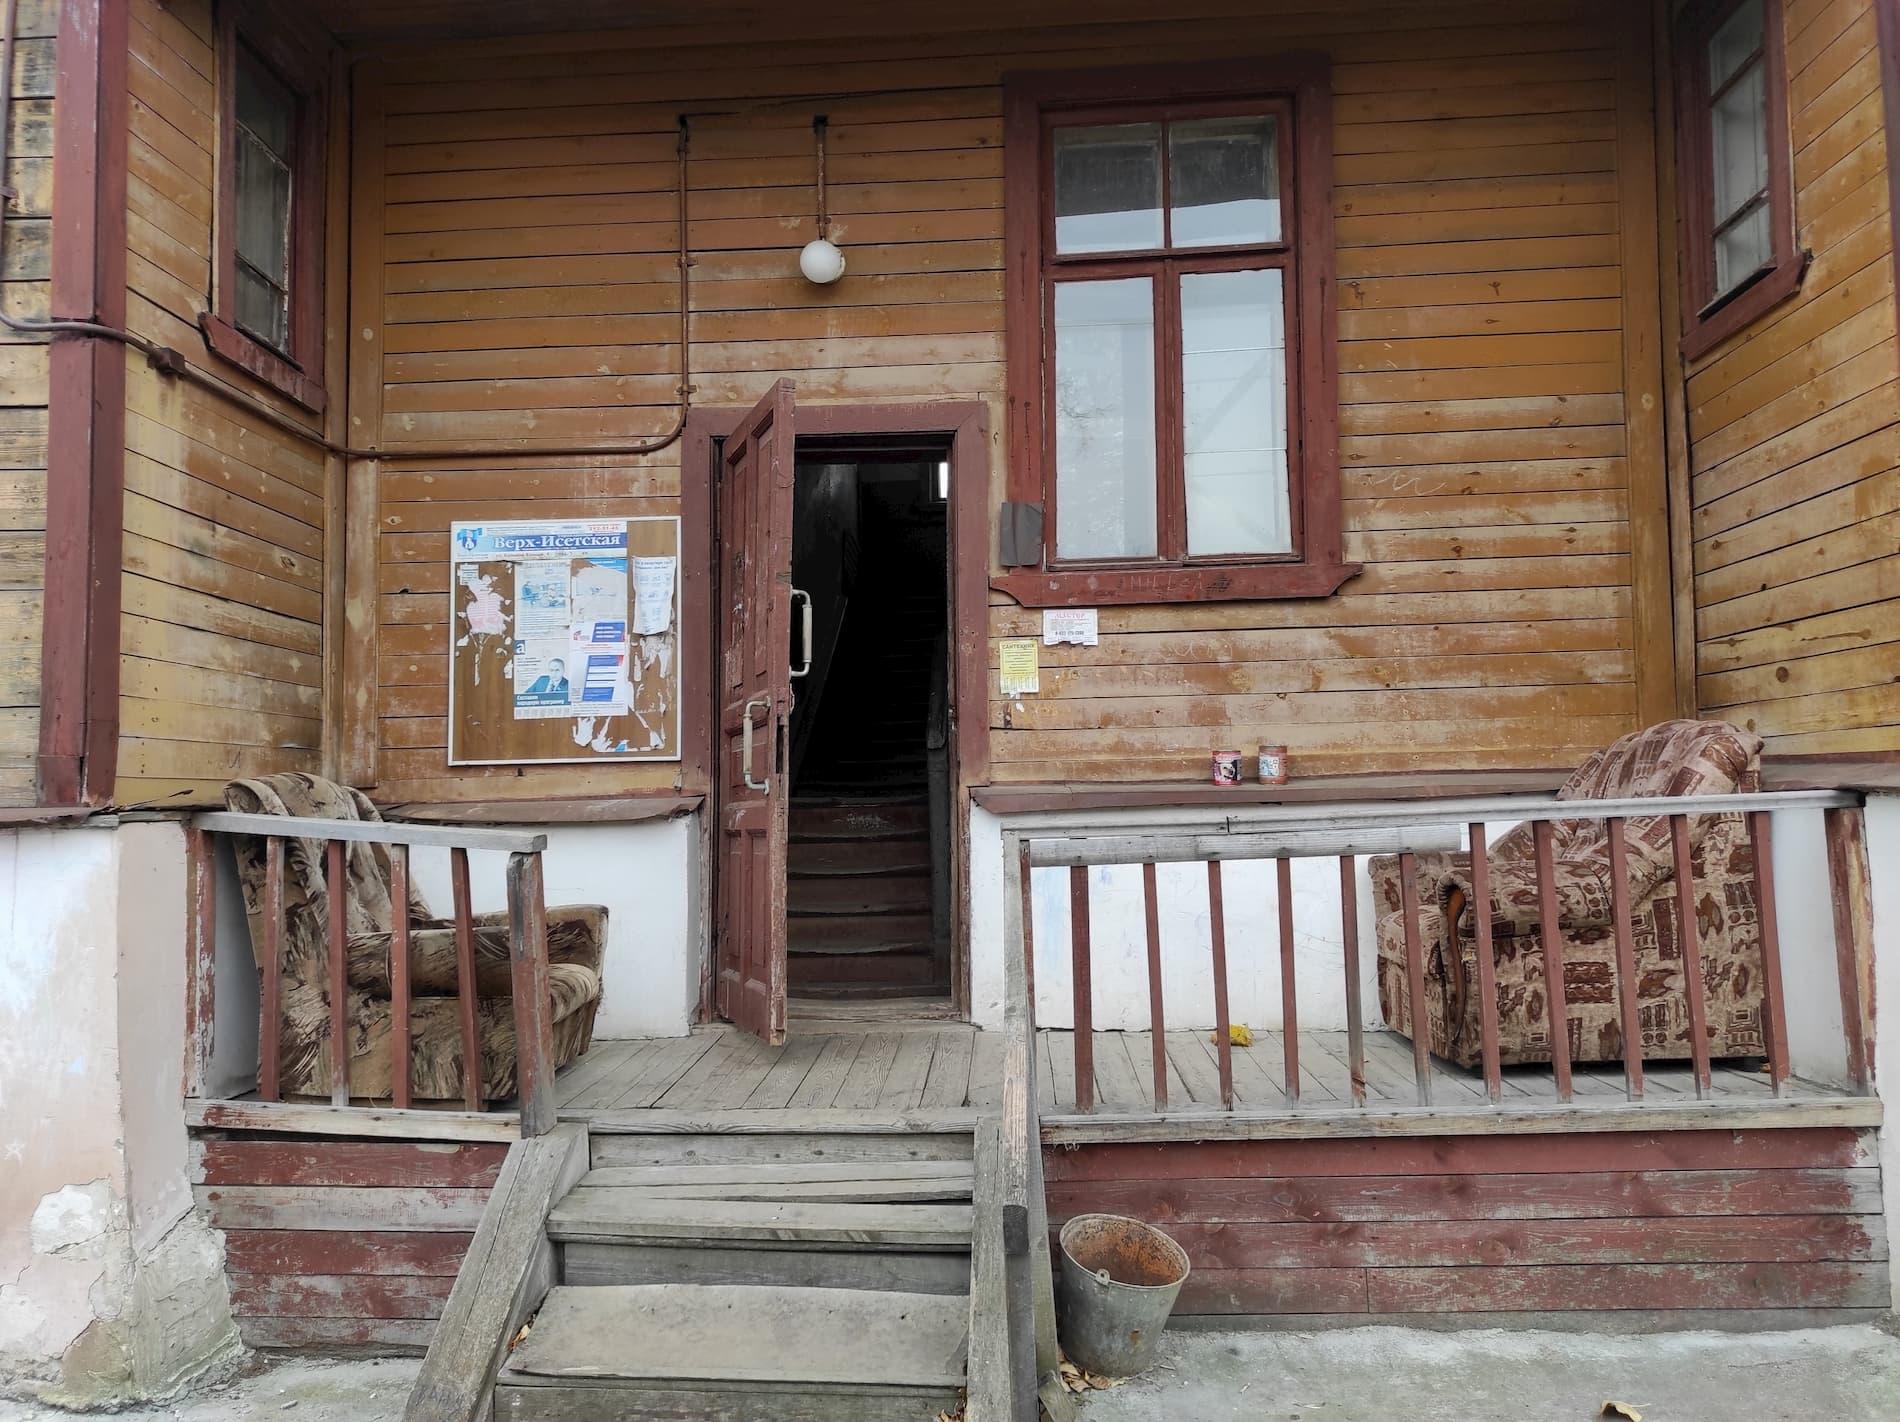 Строители и энергетики жили в добротных двухэтажных деревянных домах